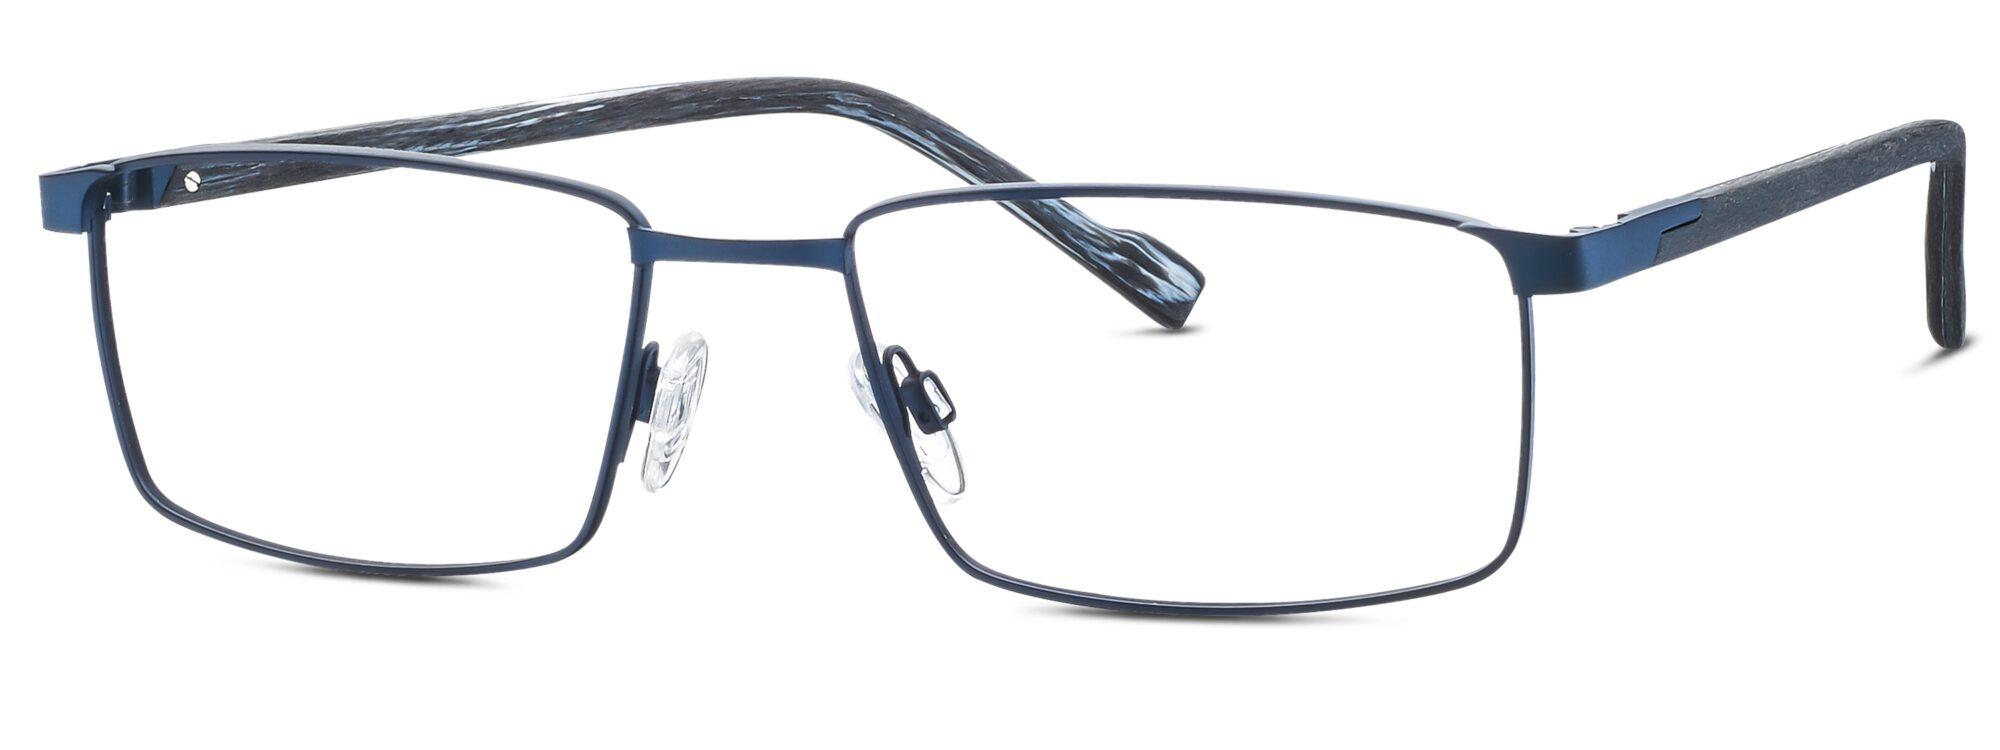 TITANFLEX - 820795-70